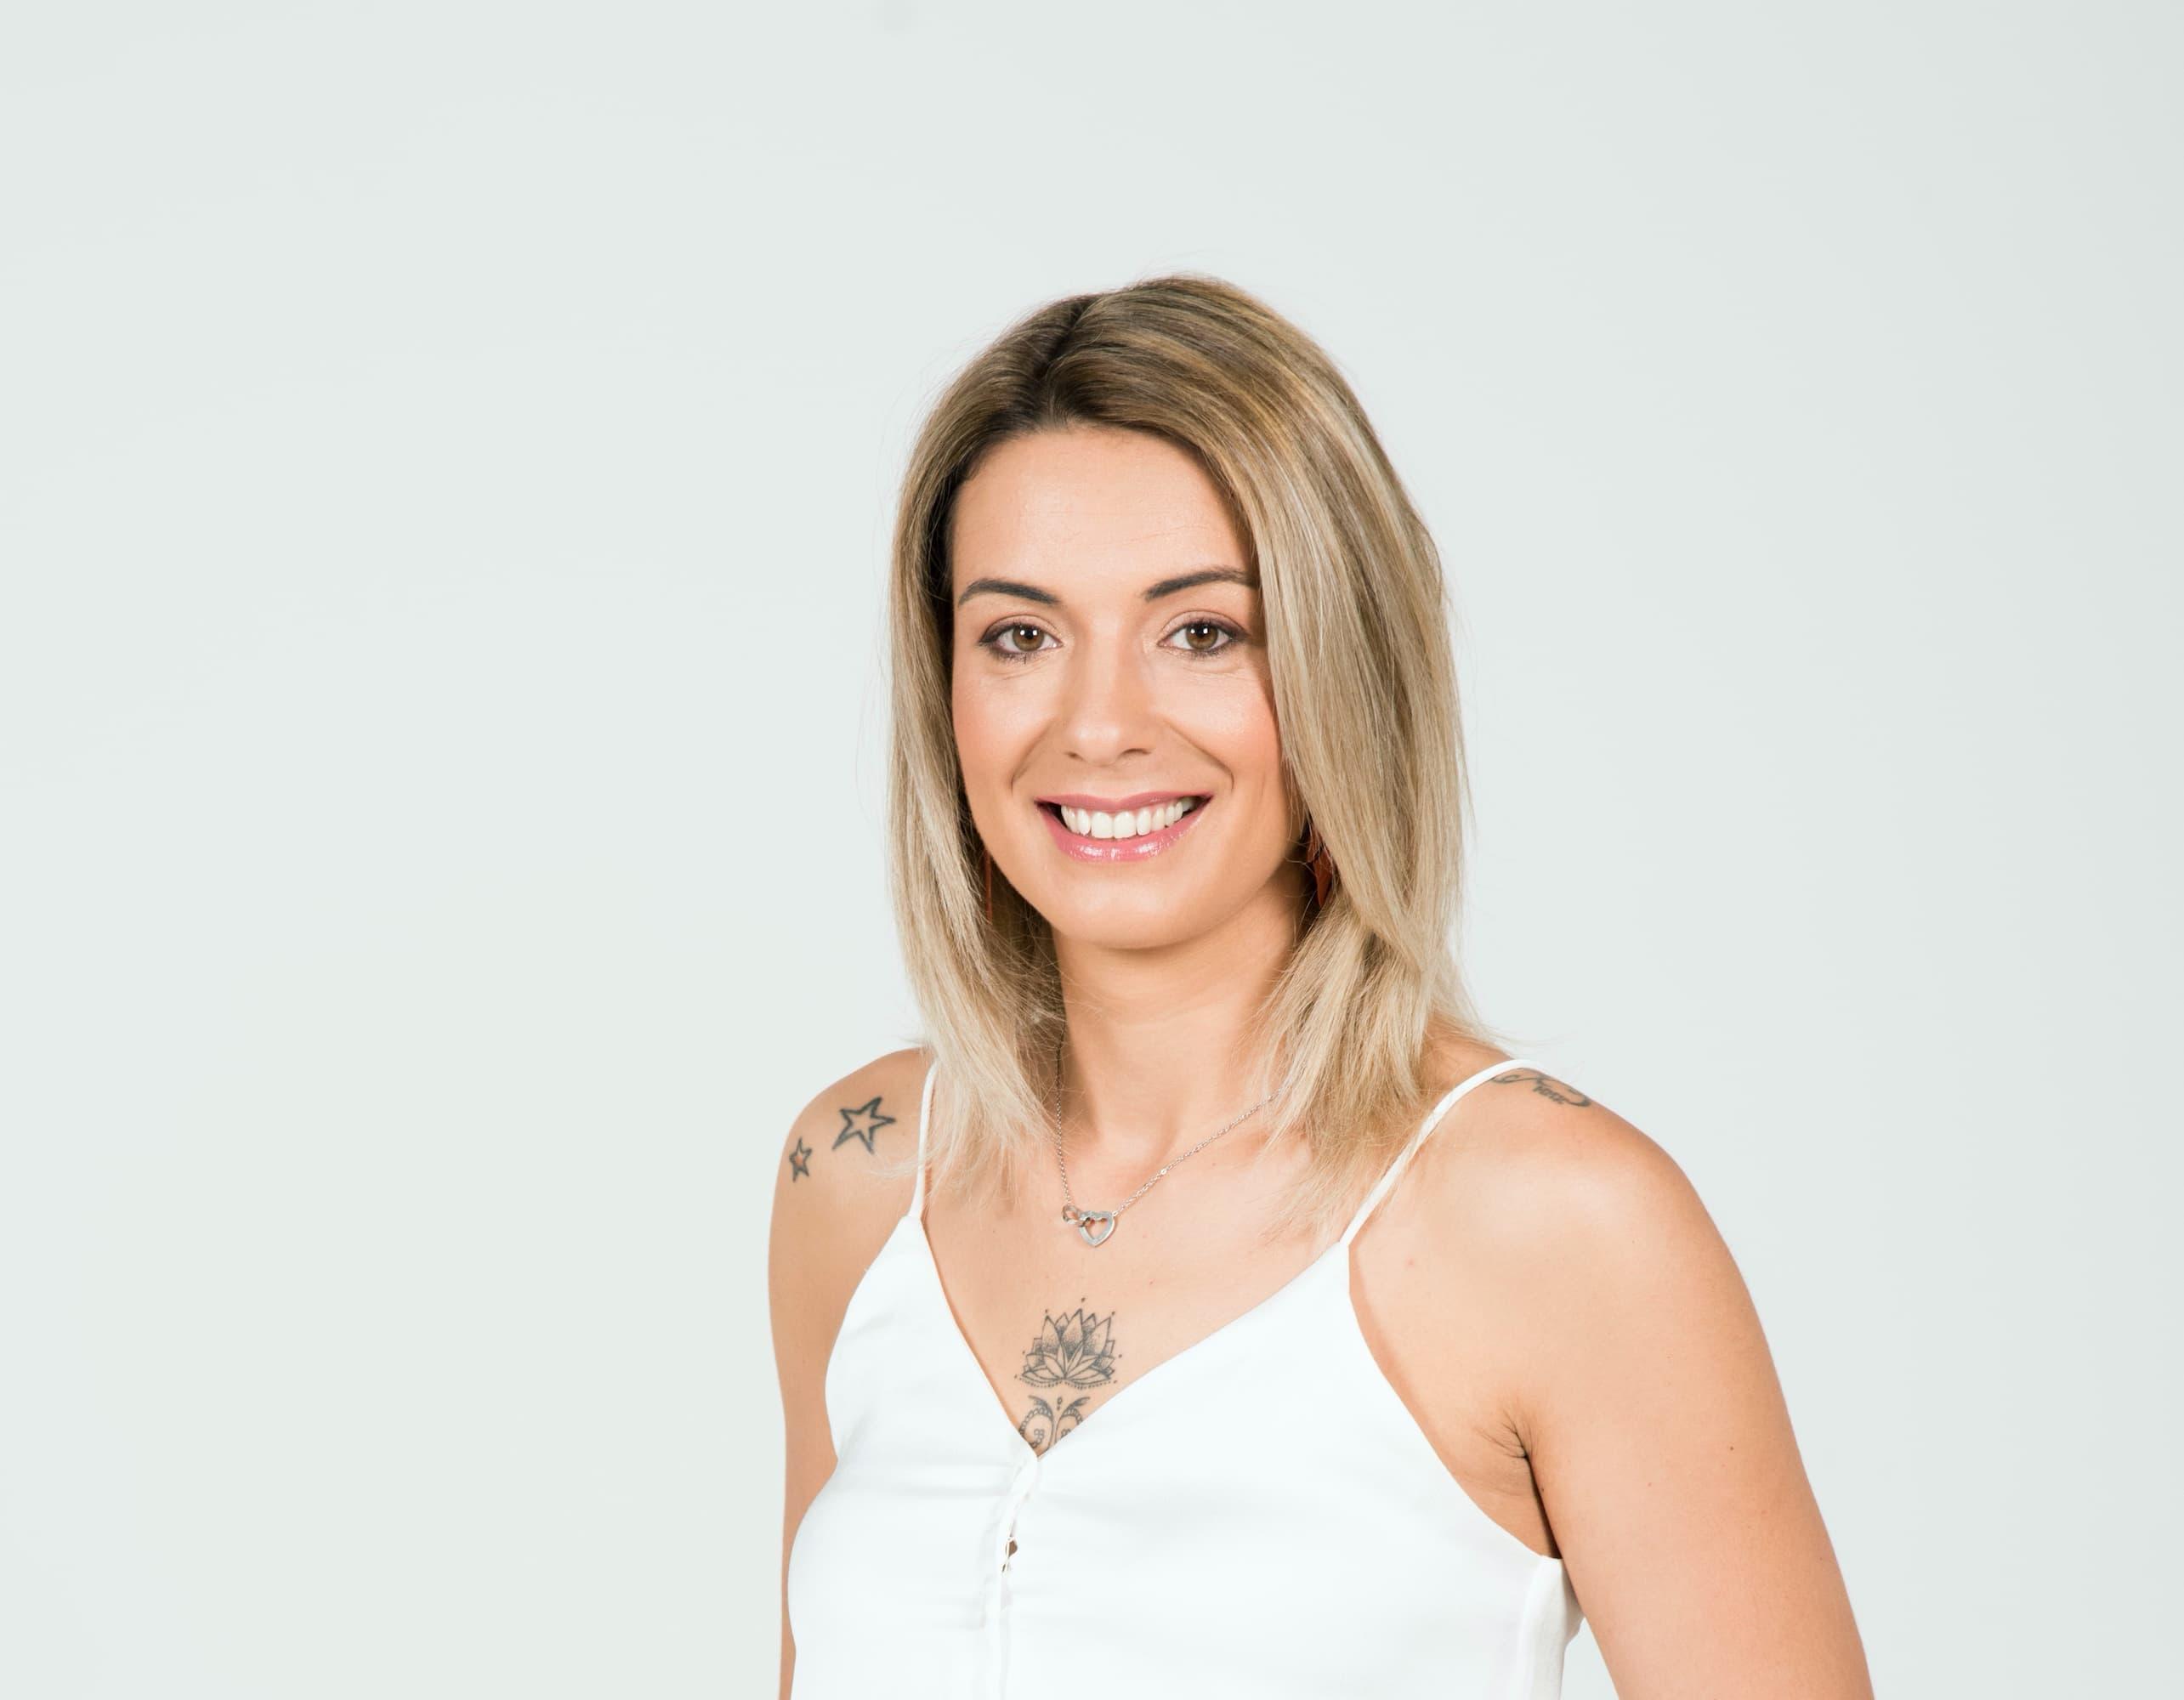 Liliana Casados A Primeira Vista 'Casados À Primeira Vista': Liliana Oliveira Faz Tatuagem Na Virilha E Mostra Ao Pormenor